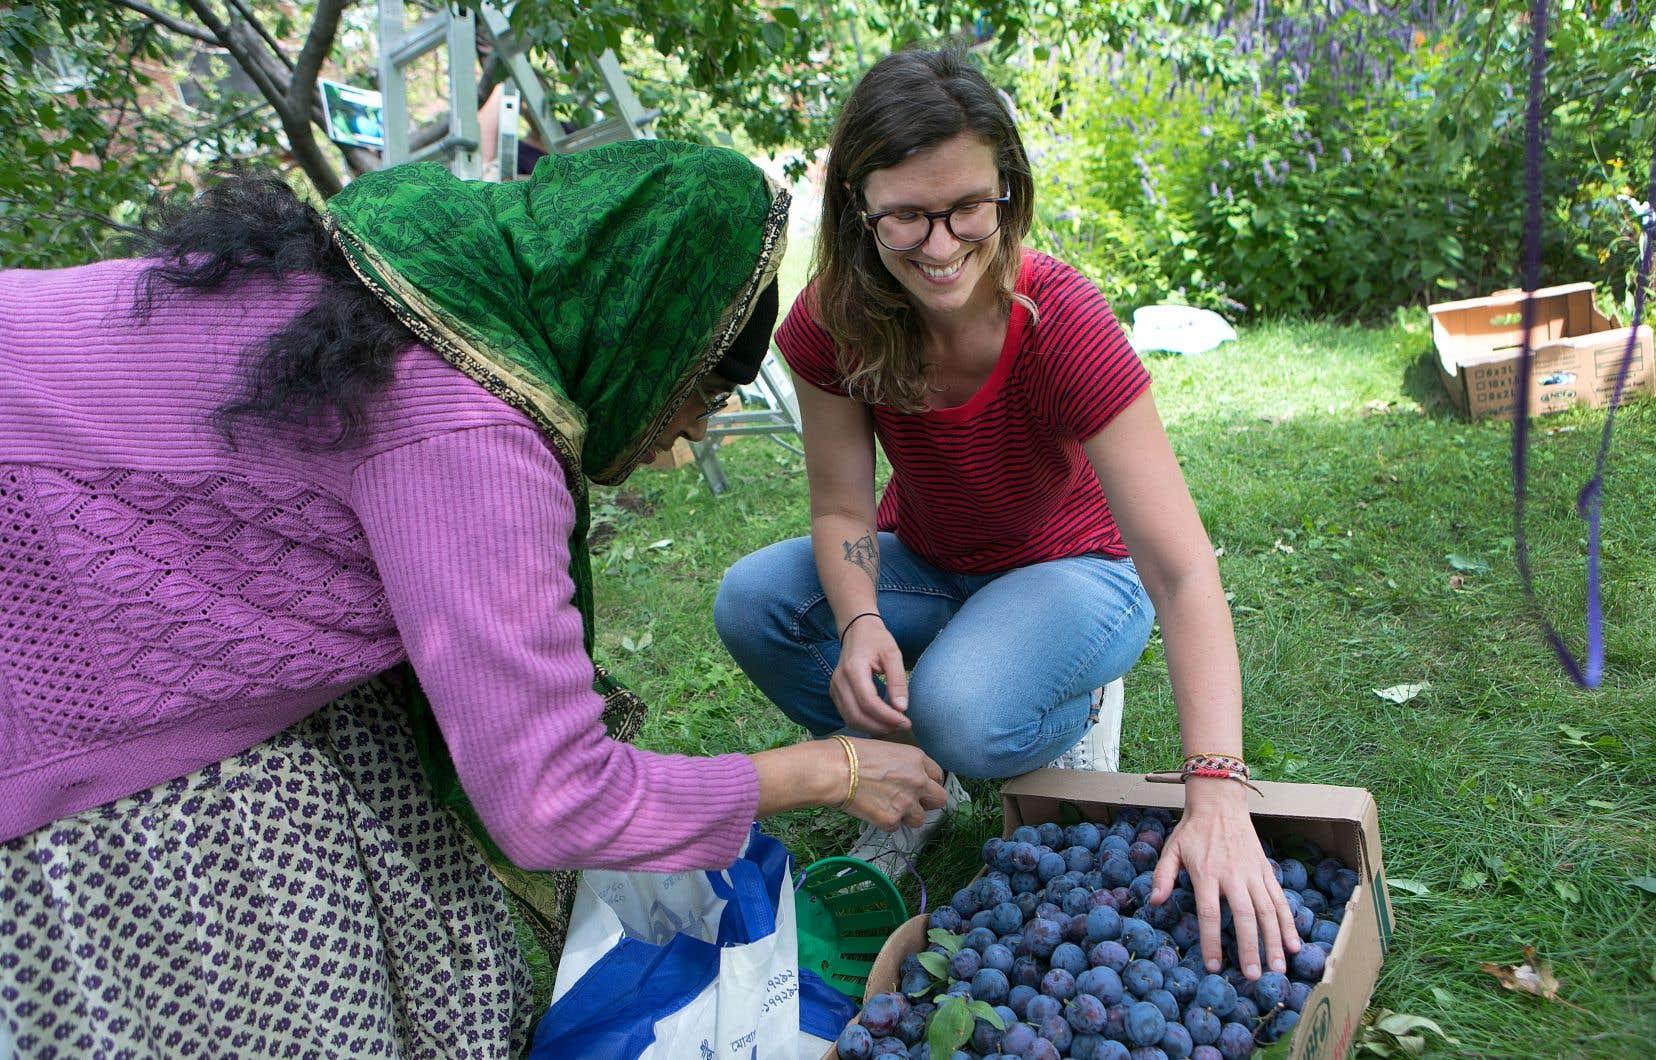 Pascale Nycz (sur la photo), Ann-Élise Stidham et Jimena Campos sont bénévoles pour l'organisme Les Fruits défendus, un collectif montréalais de cueillette urbaine.